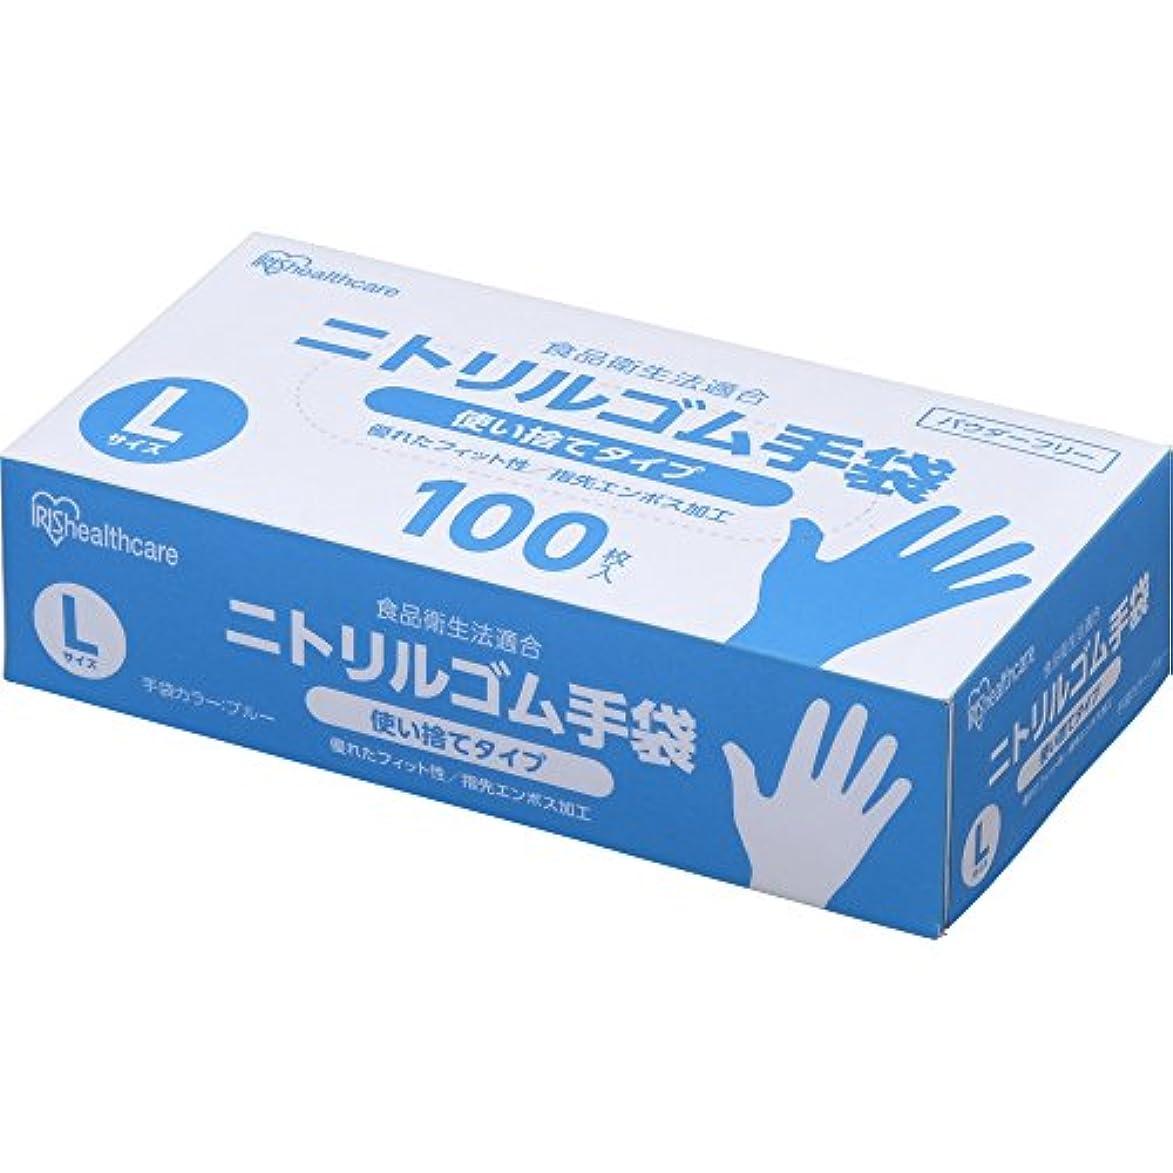 幅砂漠完了アイリスオーヤマ 使い捨て手袋 ブルー ニトリルゴム 100枚 Lサイズ 業務用